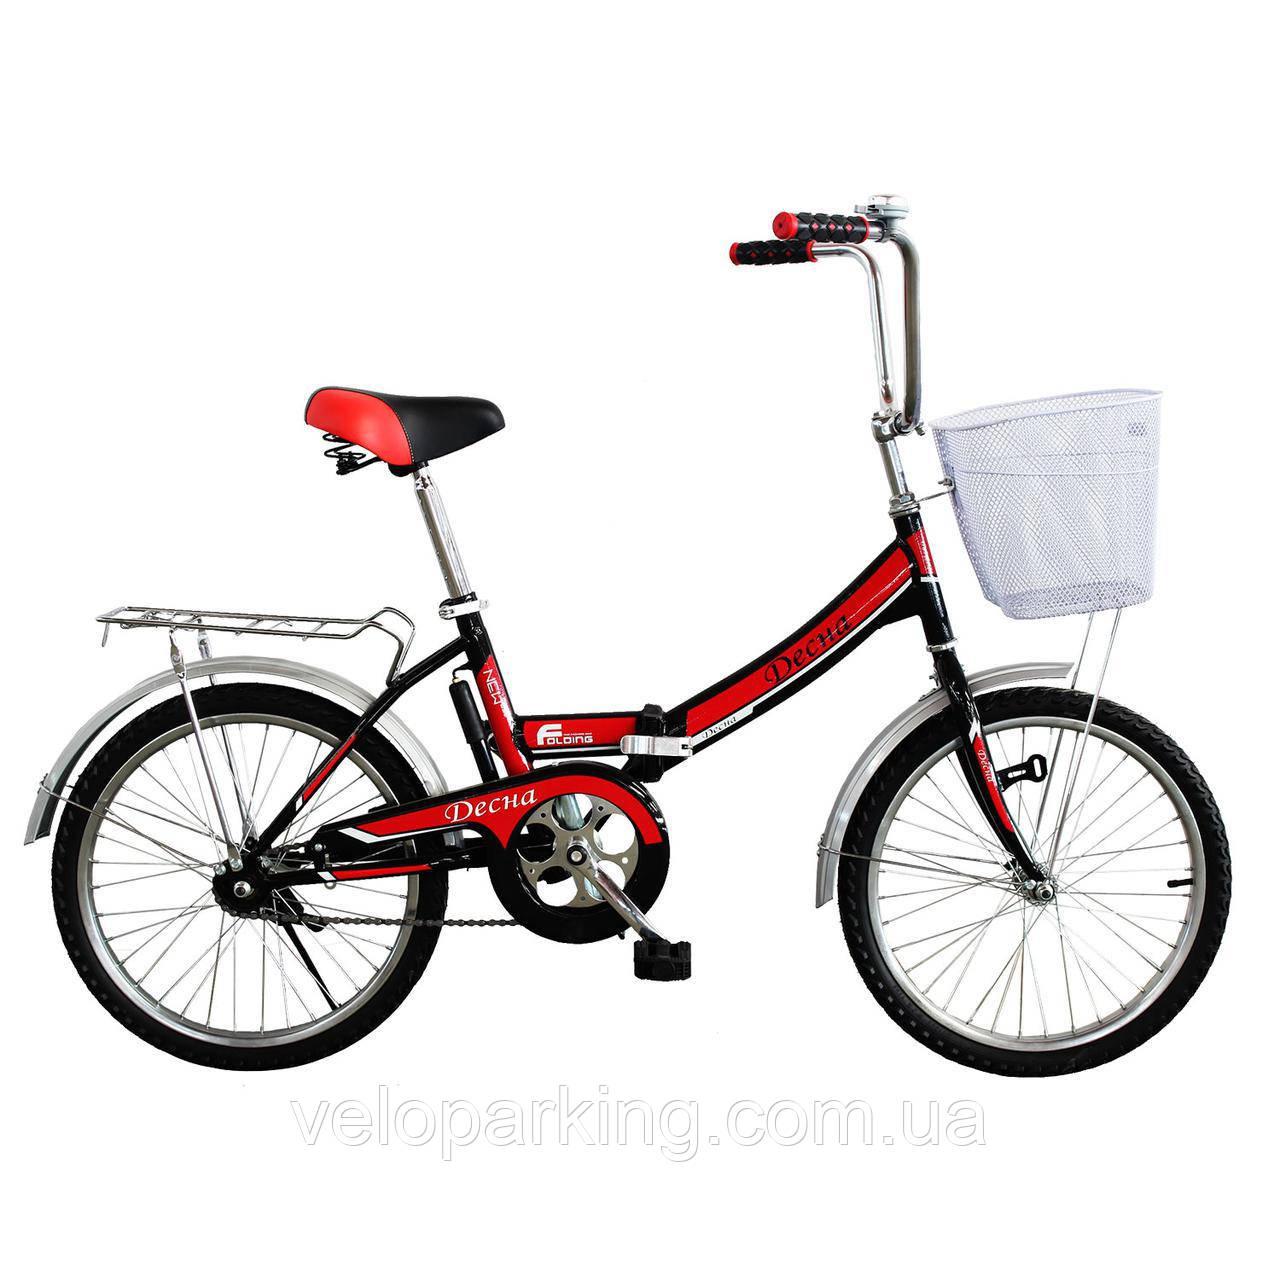 Велосипед складной Titan Десна 20″ (2018) NEW